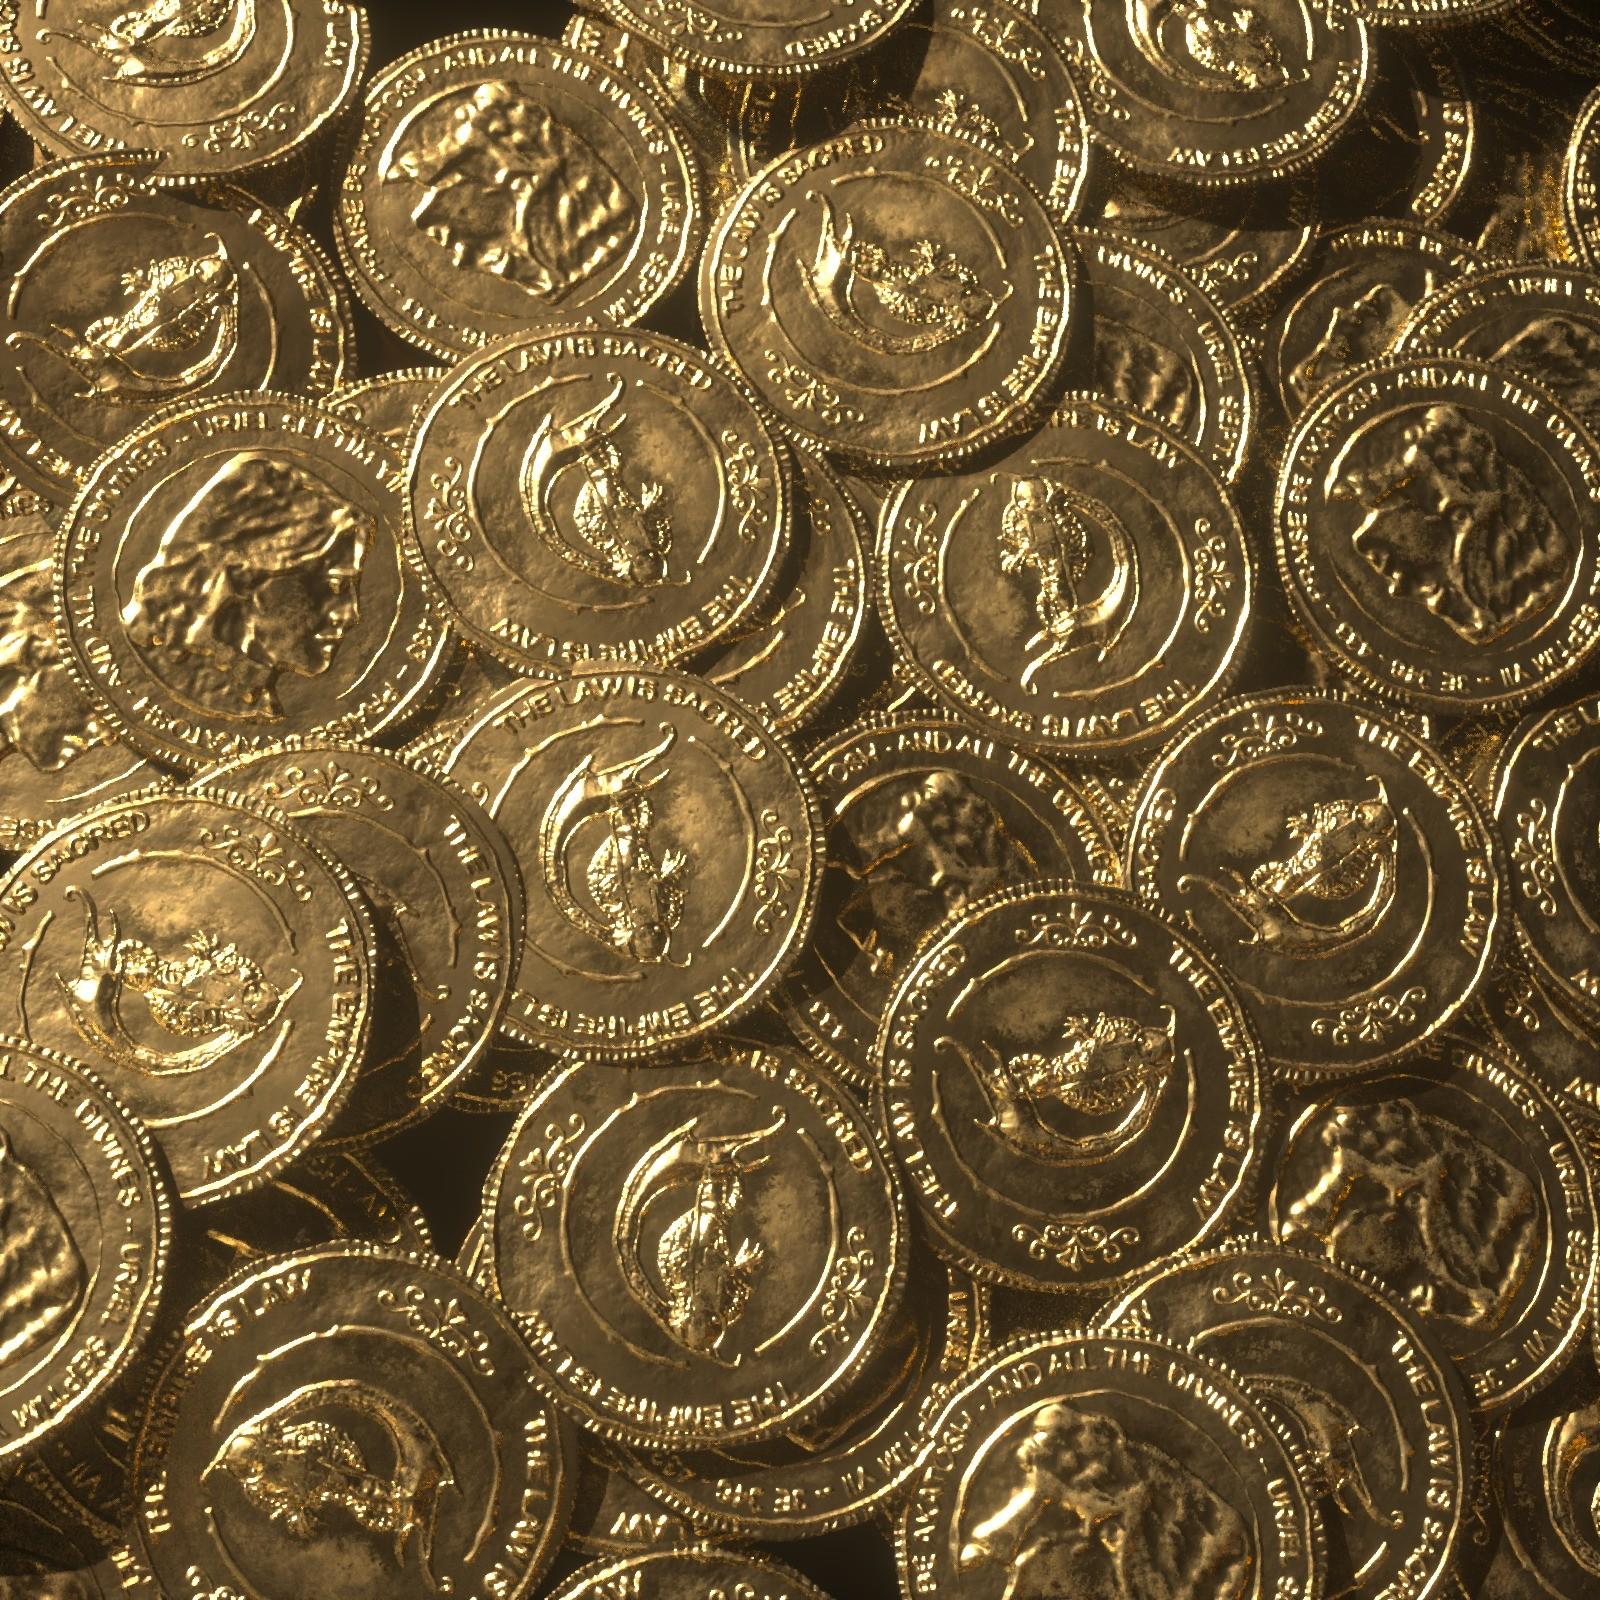 Cem tezcan coin r3